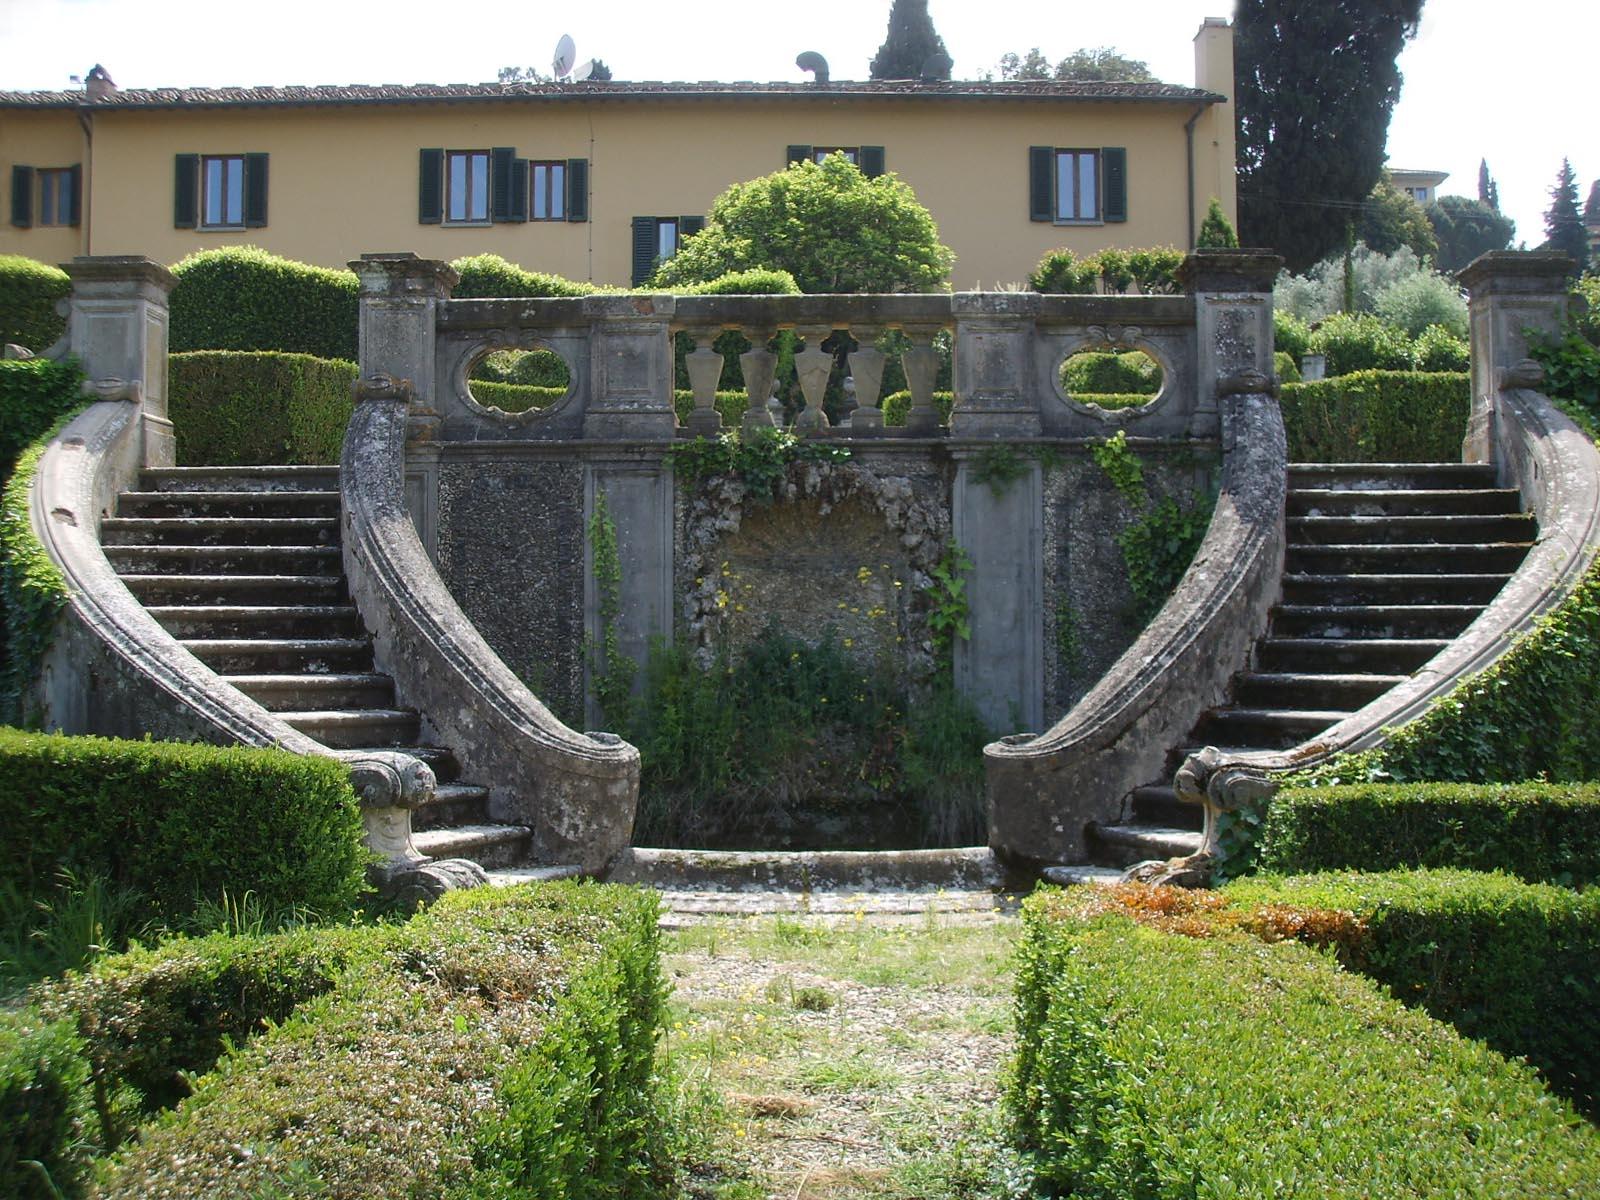 Descrizione villa schifanoia, giardino, scala a tenaglia